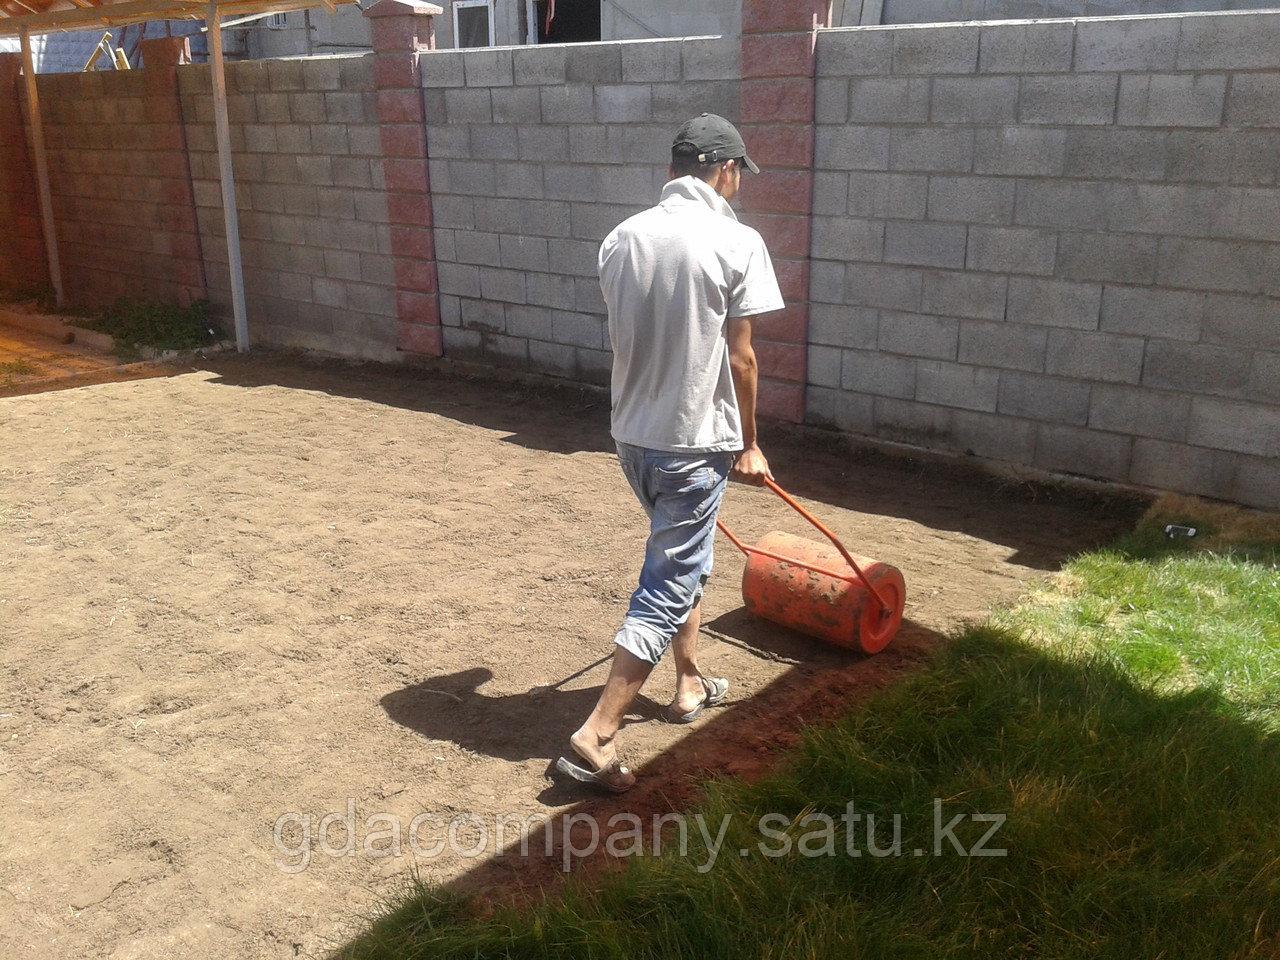 Реализация газона на территории офиса - быстро и качественно!